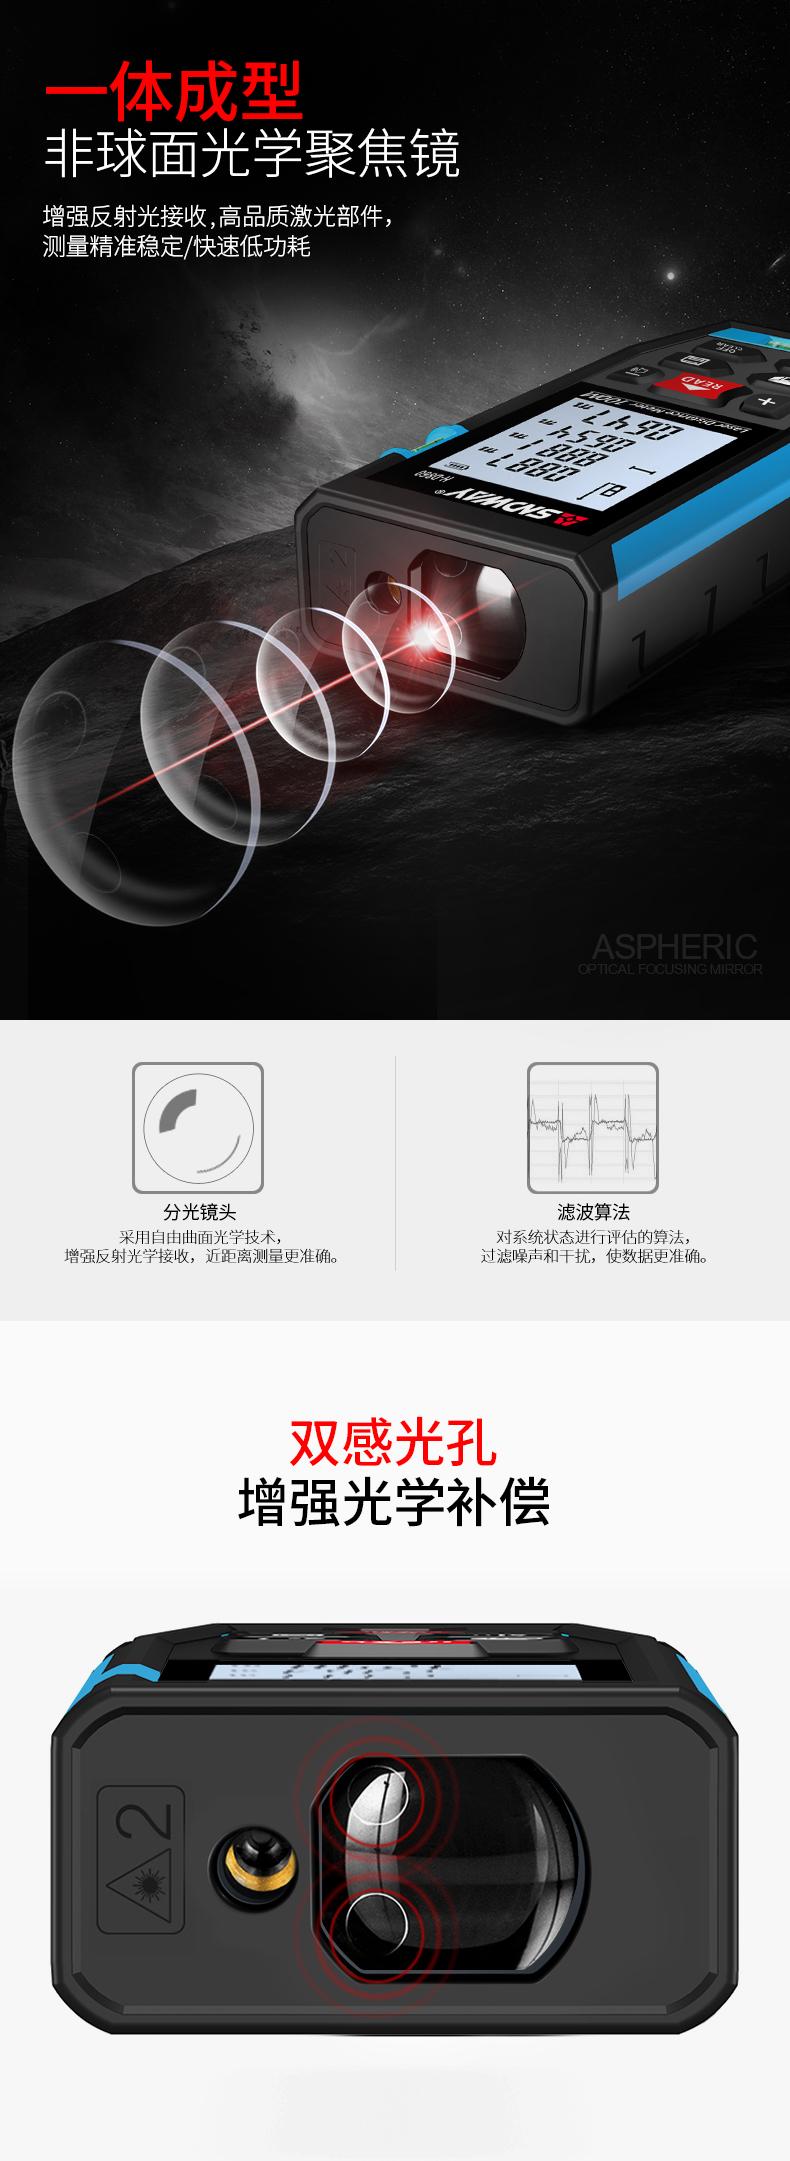 深达威激光测距仪高精度红外线电子尺手持式量房仪距离激光尺-tmall_02